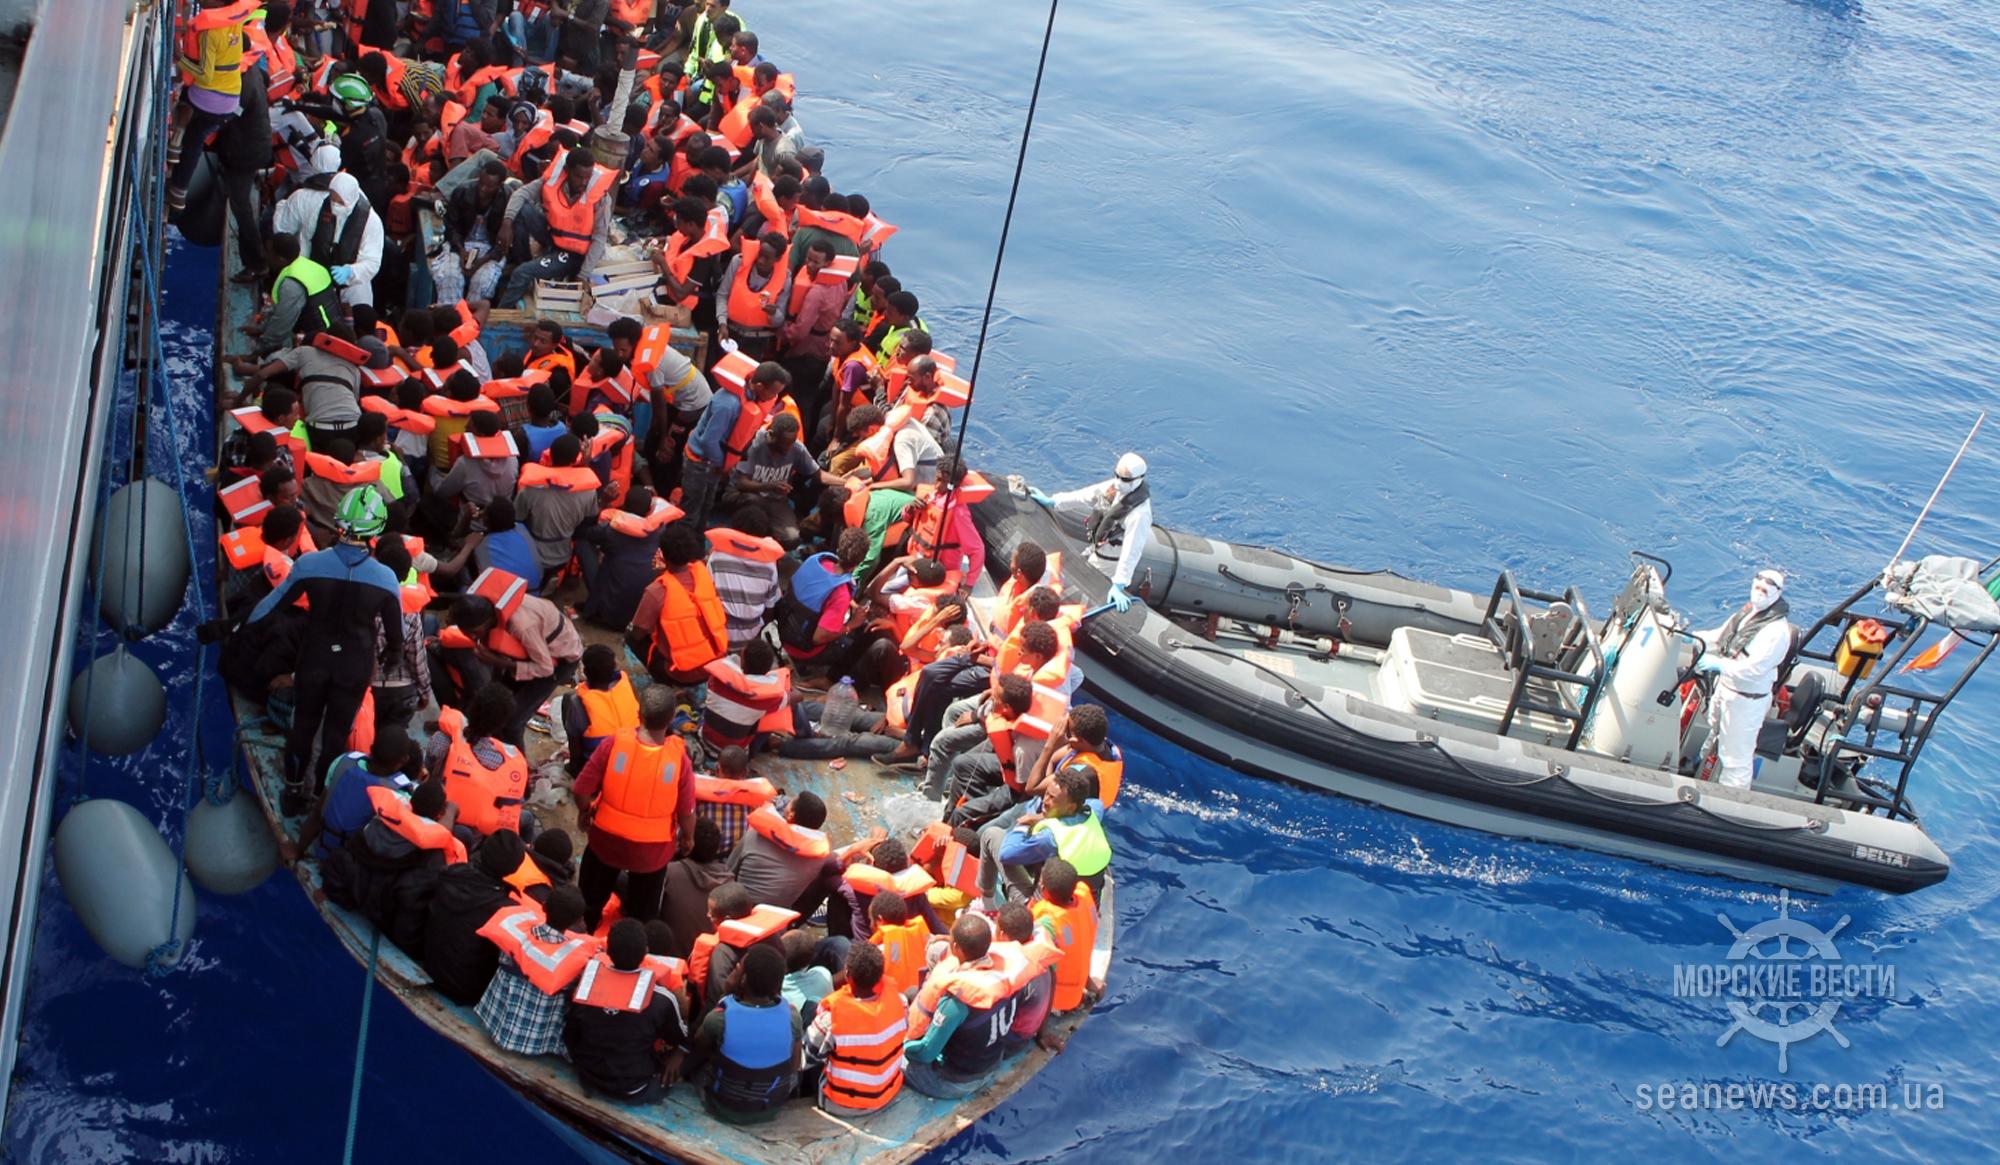 Как украинских моряков заставляли перевозить нелегальных мигрантов